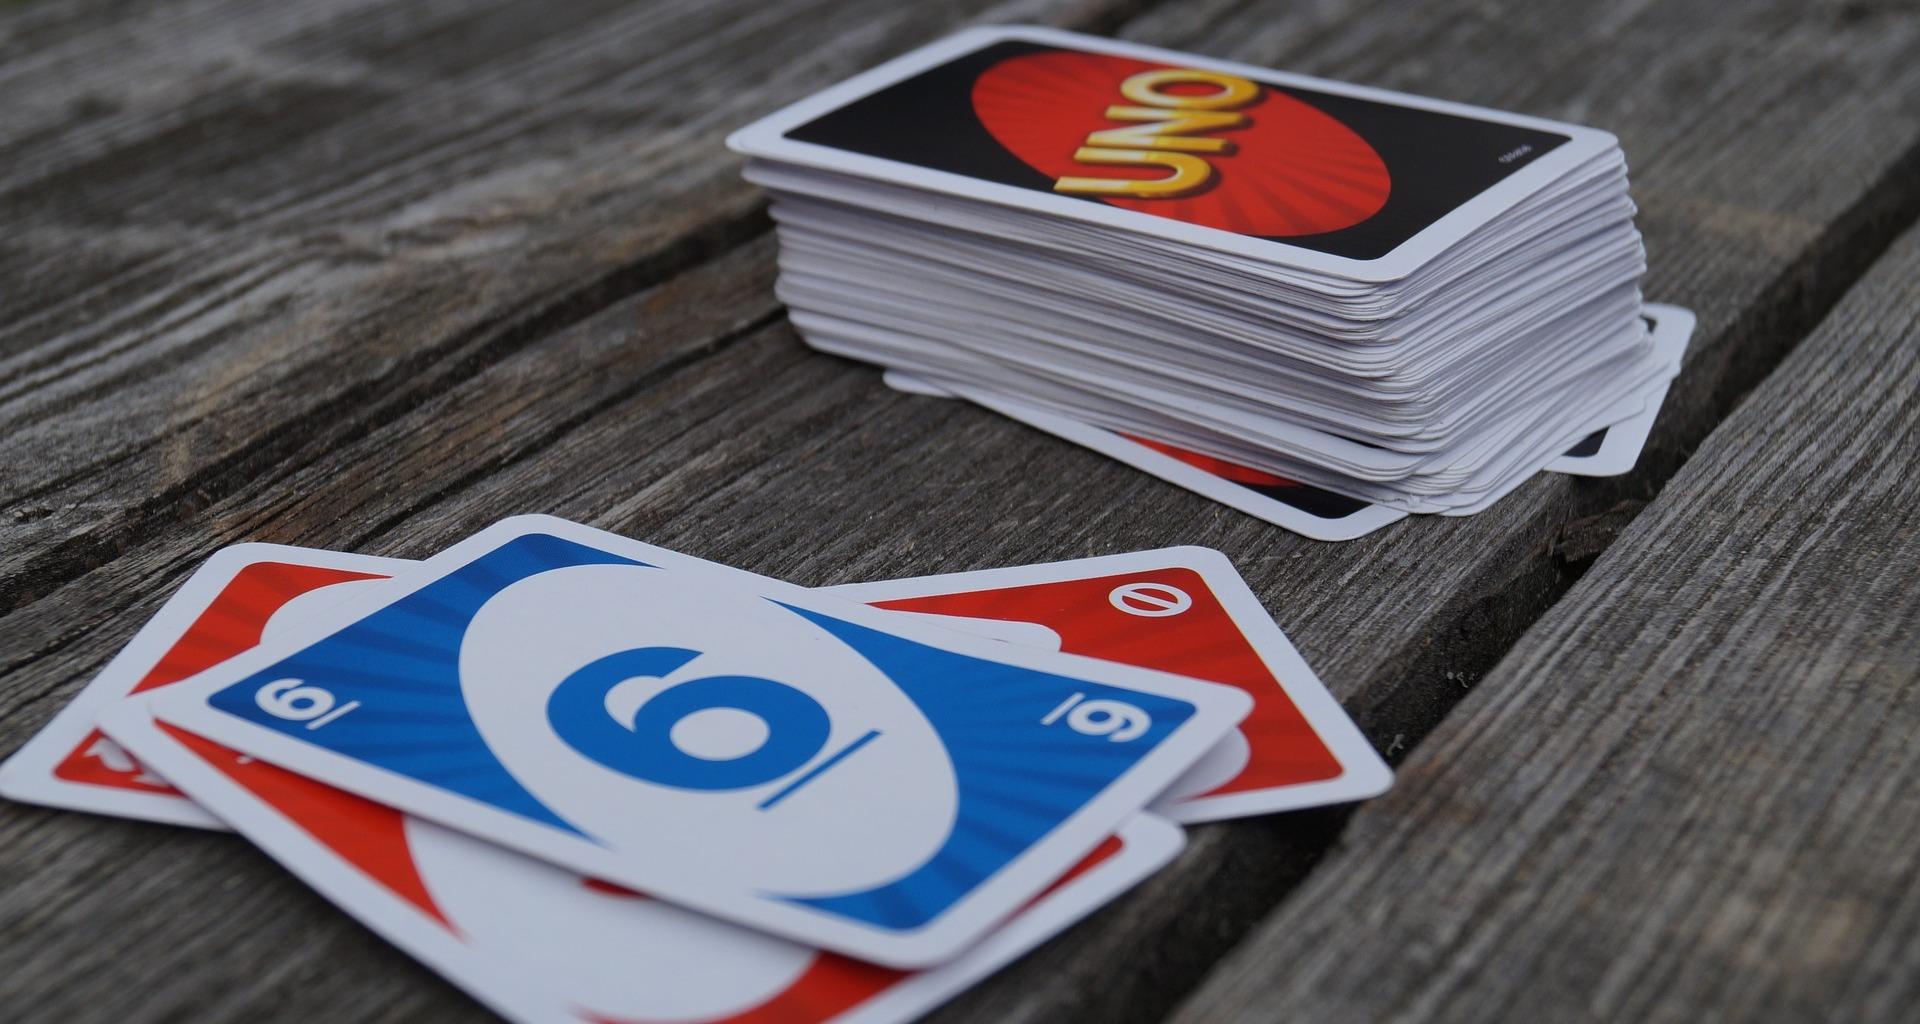 Top 5 Card Games on Kickstarter